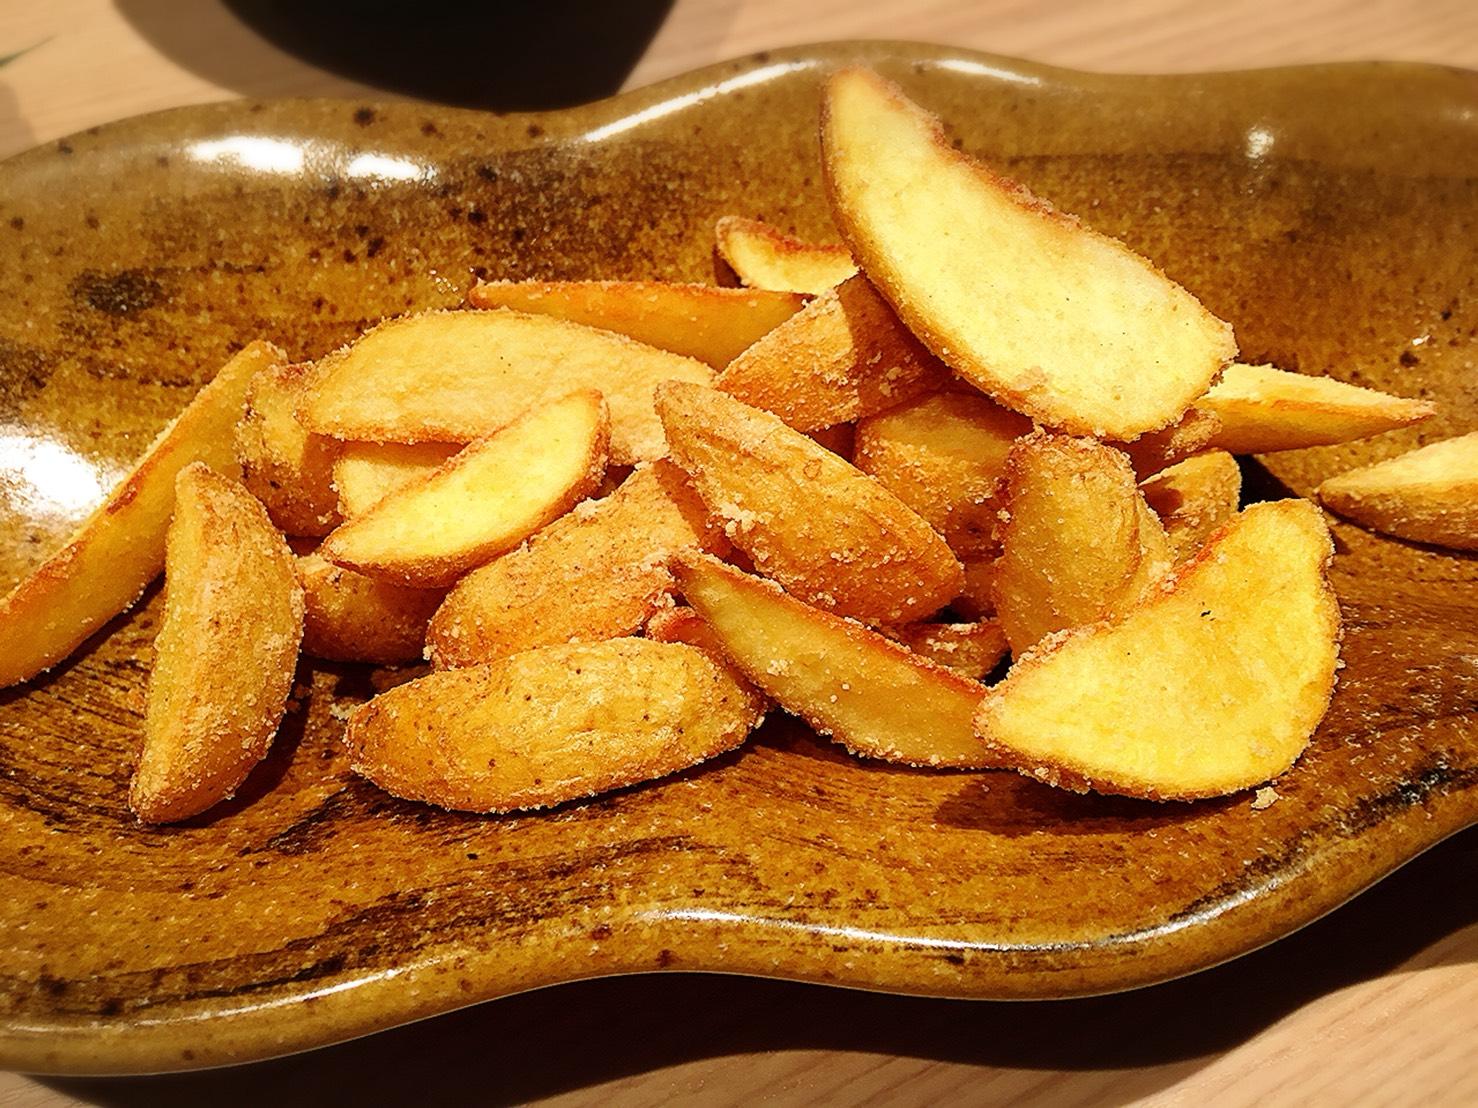 【池袋駅】大宴会もできる!九州料理の「福栄組合 池袋店」のほくほくフライドポテト